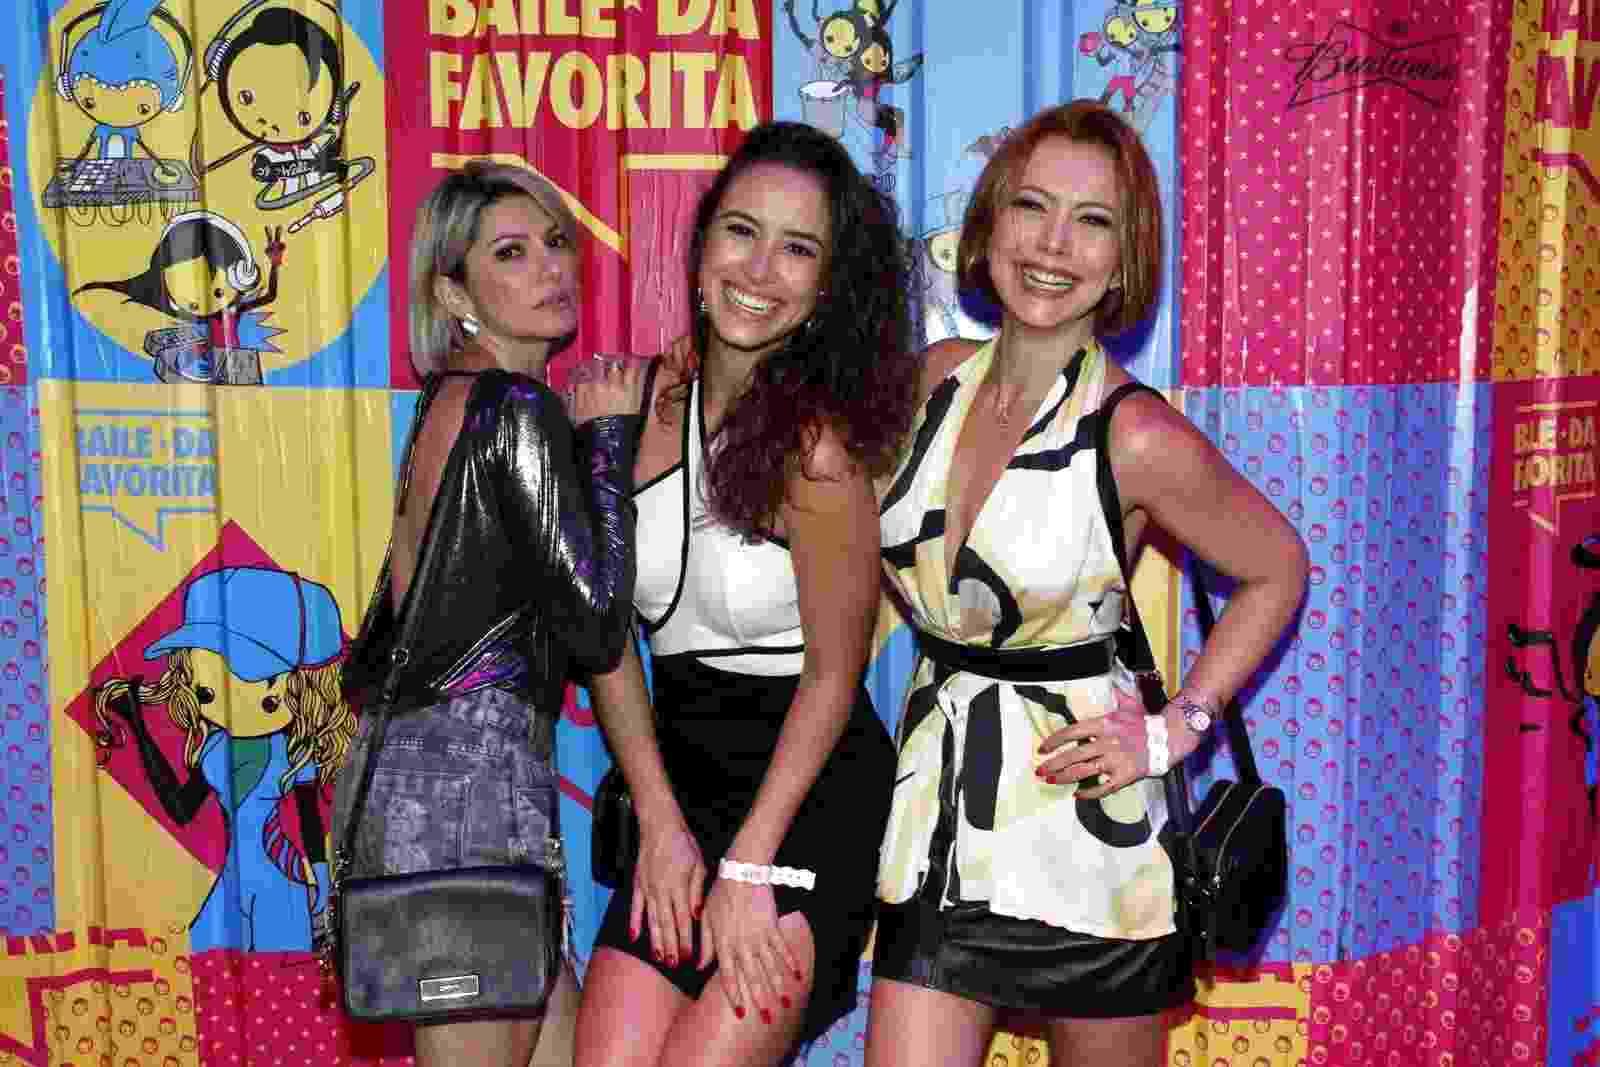 Famosos prestigiam Baile da Favorita com show de Anitta e Ludmilla no Boulevard Olímpico, no Rio de Janeiro - Marcos Ferreira/Brazil News